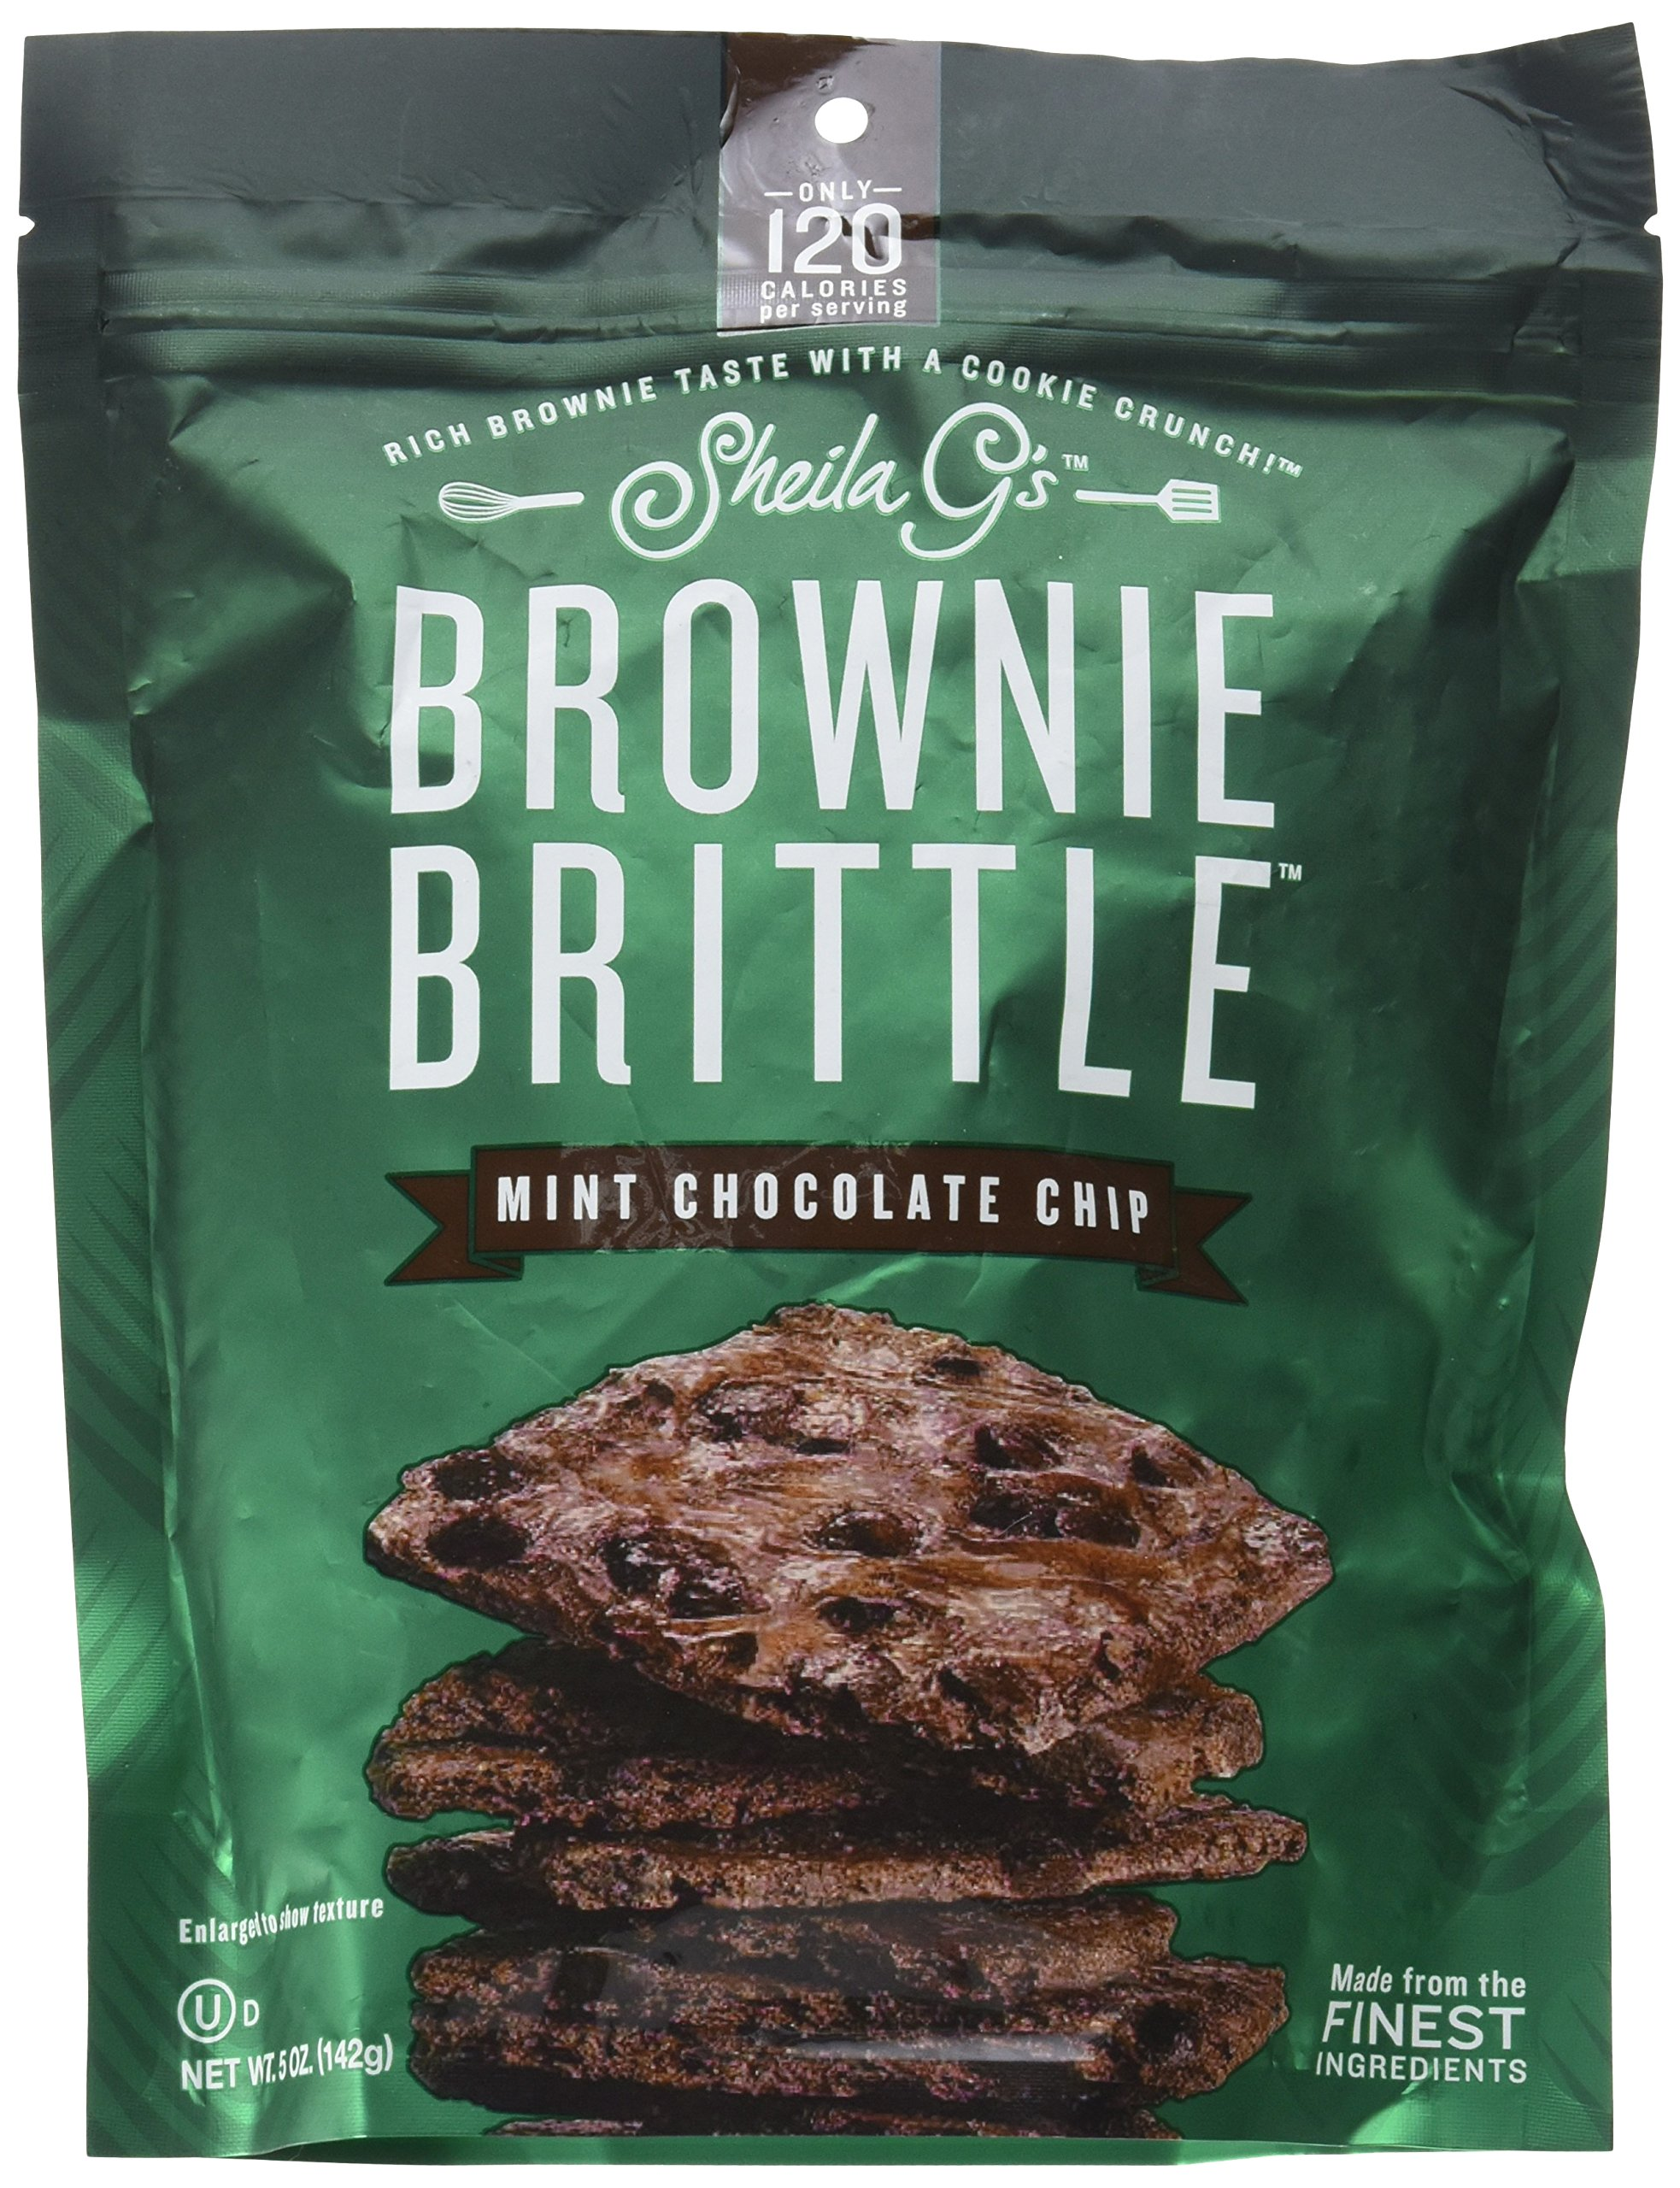 5OZ Mint Choco Brittle by Sheila G's